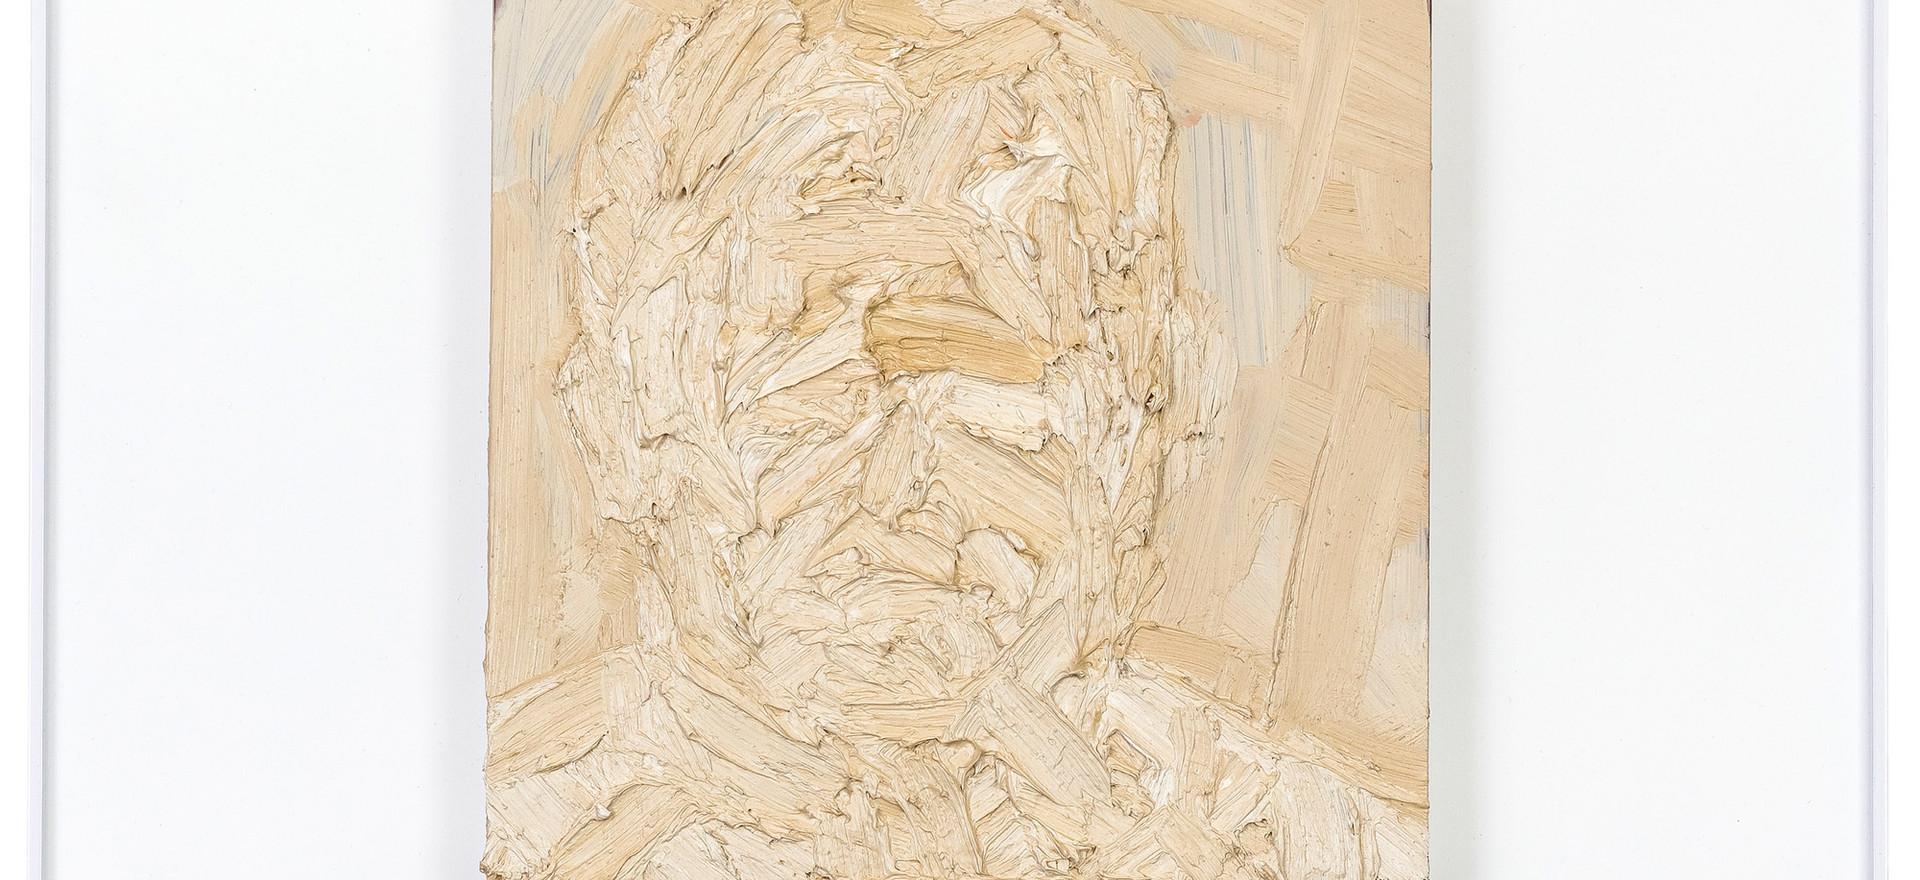 'Frankly', 2012, oil on sandstone, 61 x 61 cm | framed